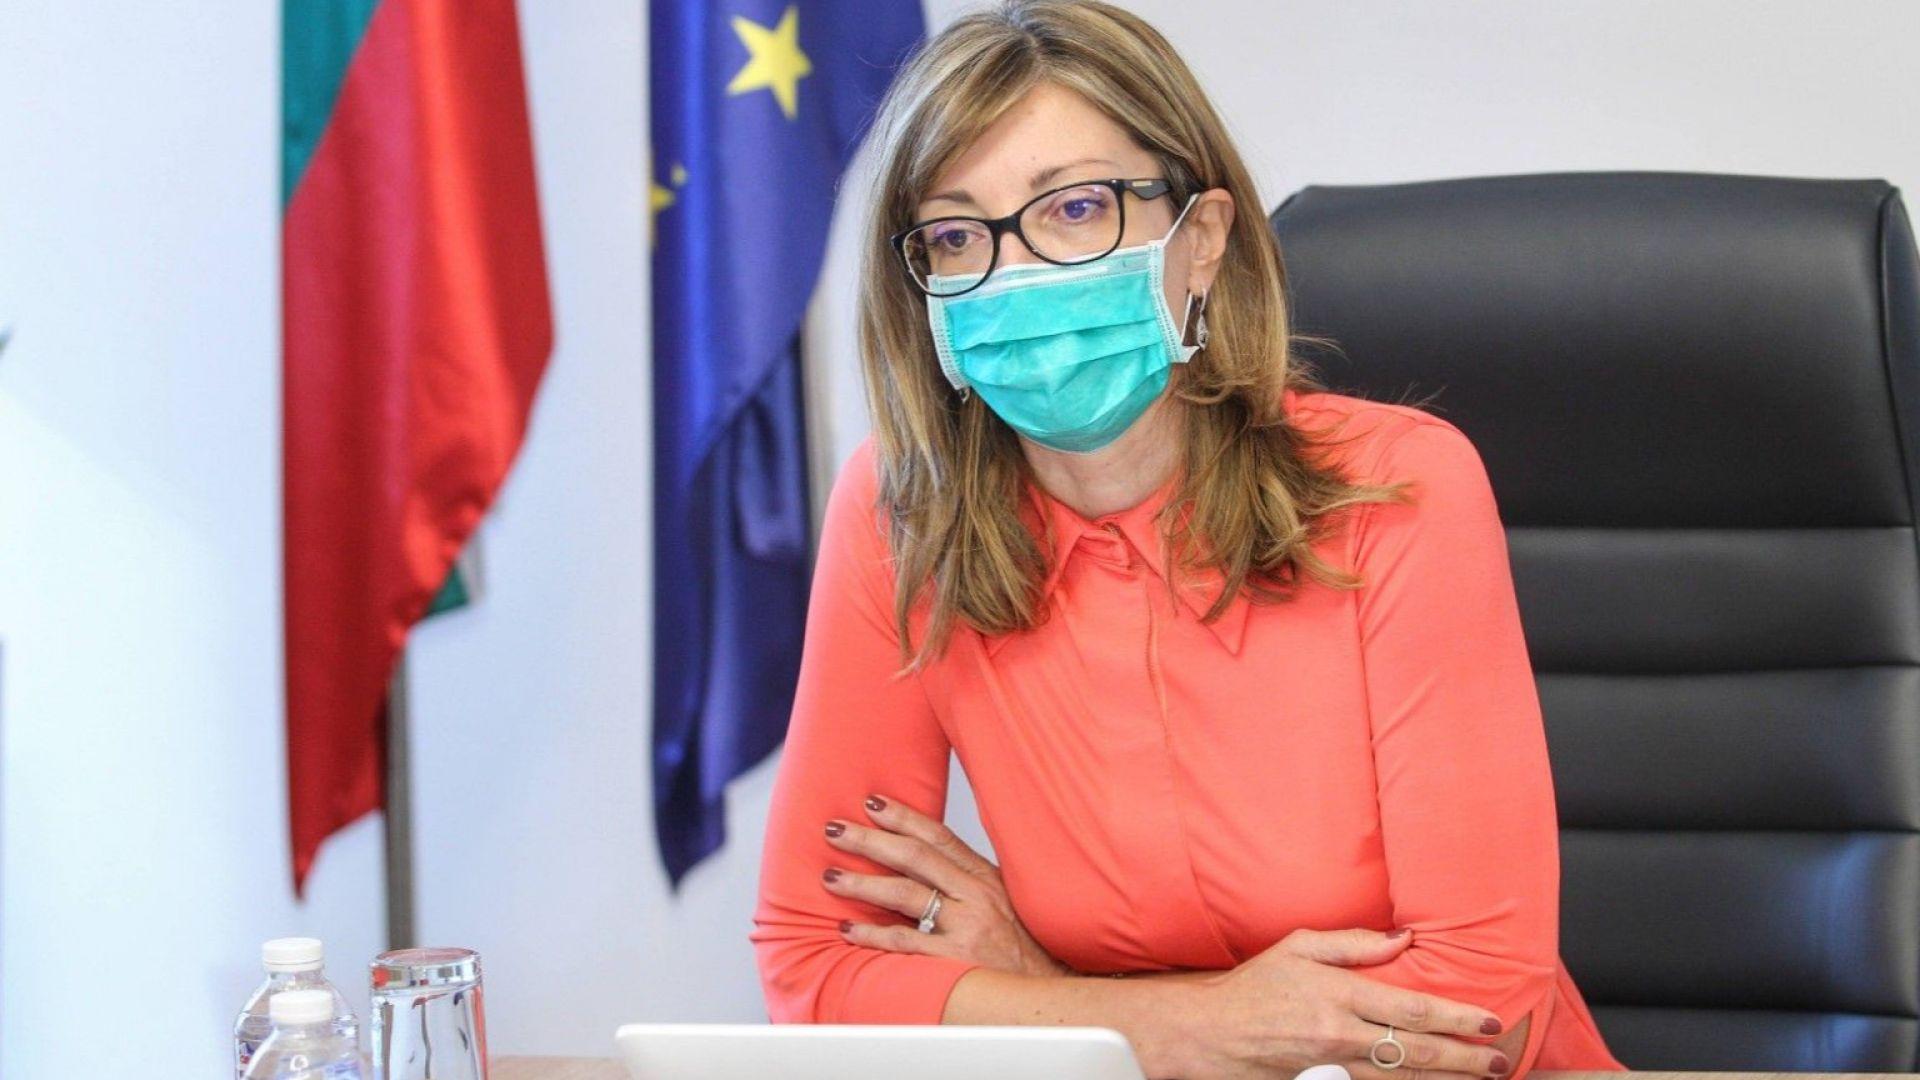 Захариева за Манолова: Не може да си присвояват силата на суверена, извинявайте много - 4%